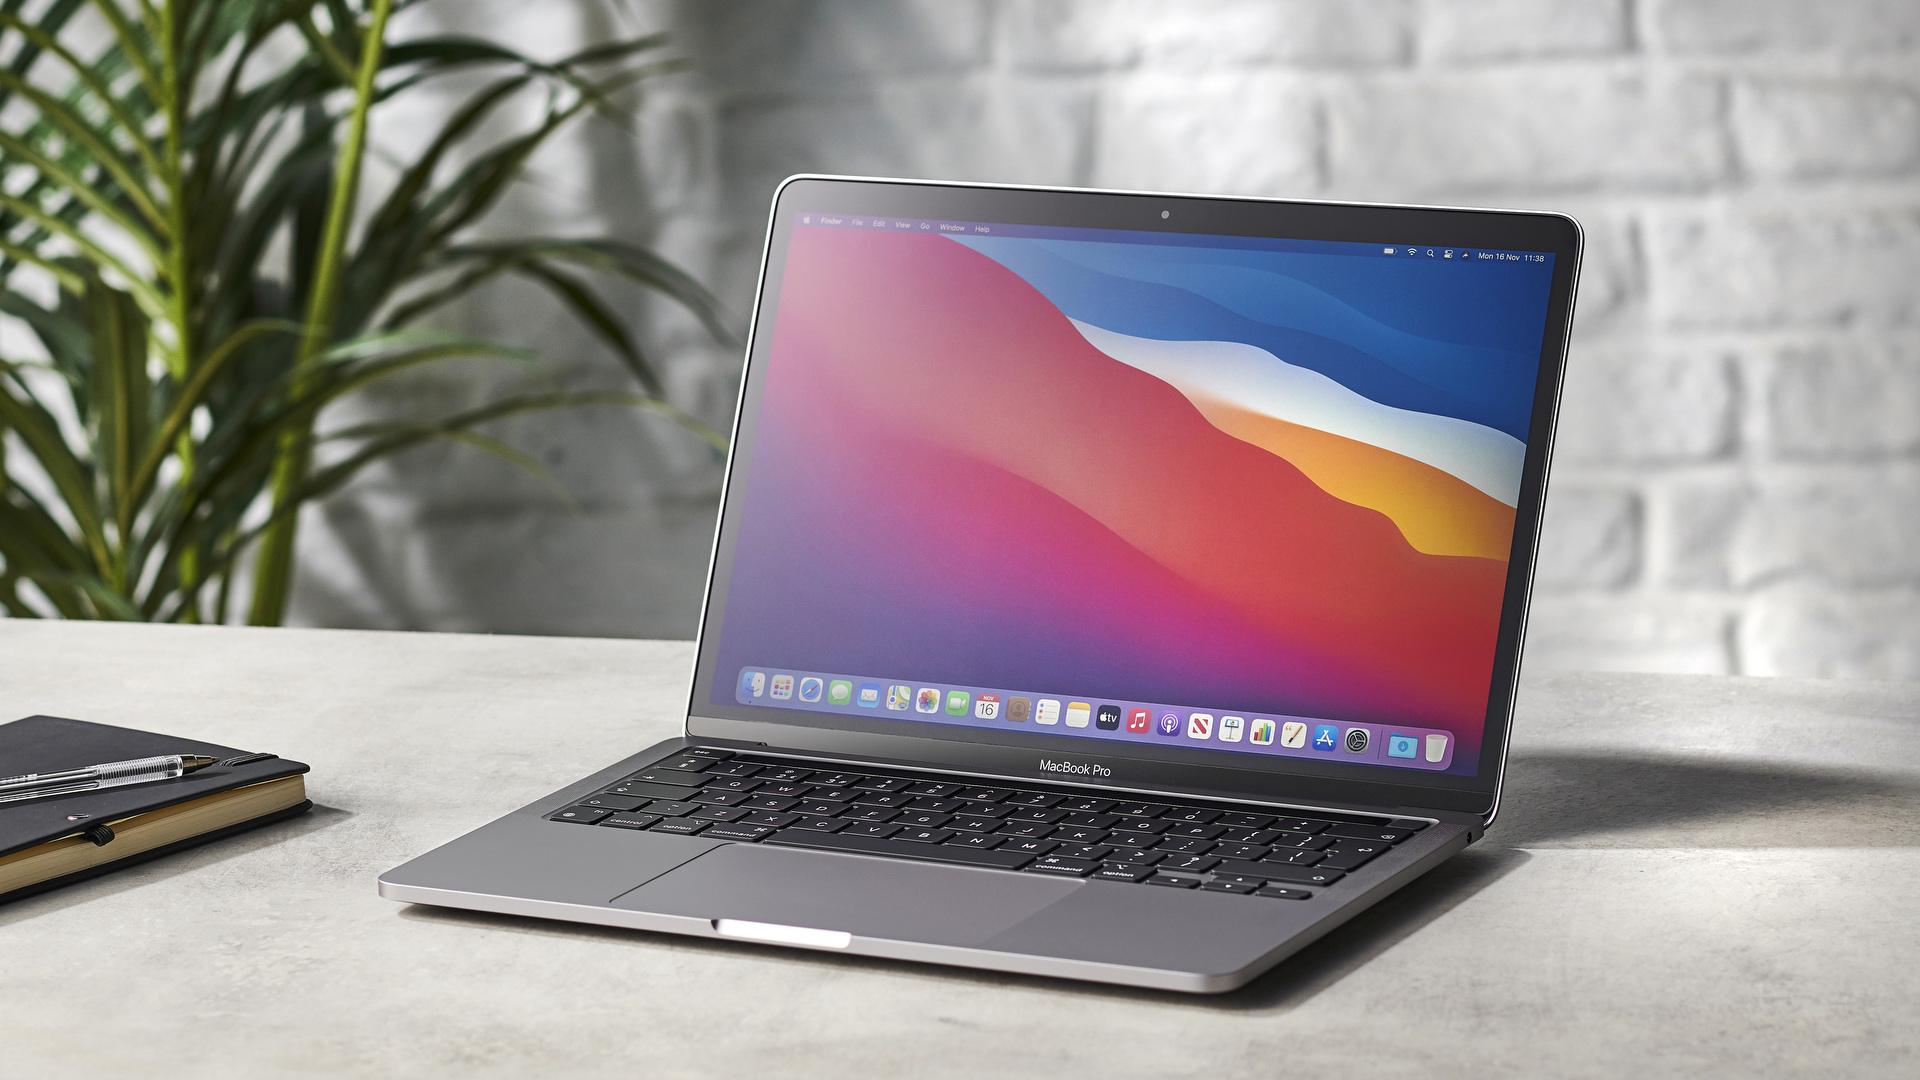 Apple MacBook Pro 13″ (M1) miglior MacBook per la maggior parte delle persone